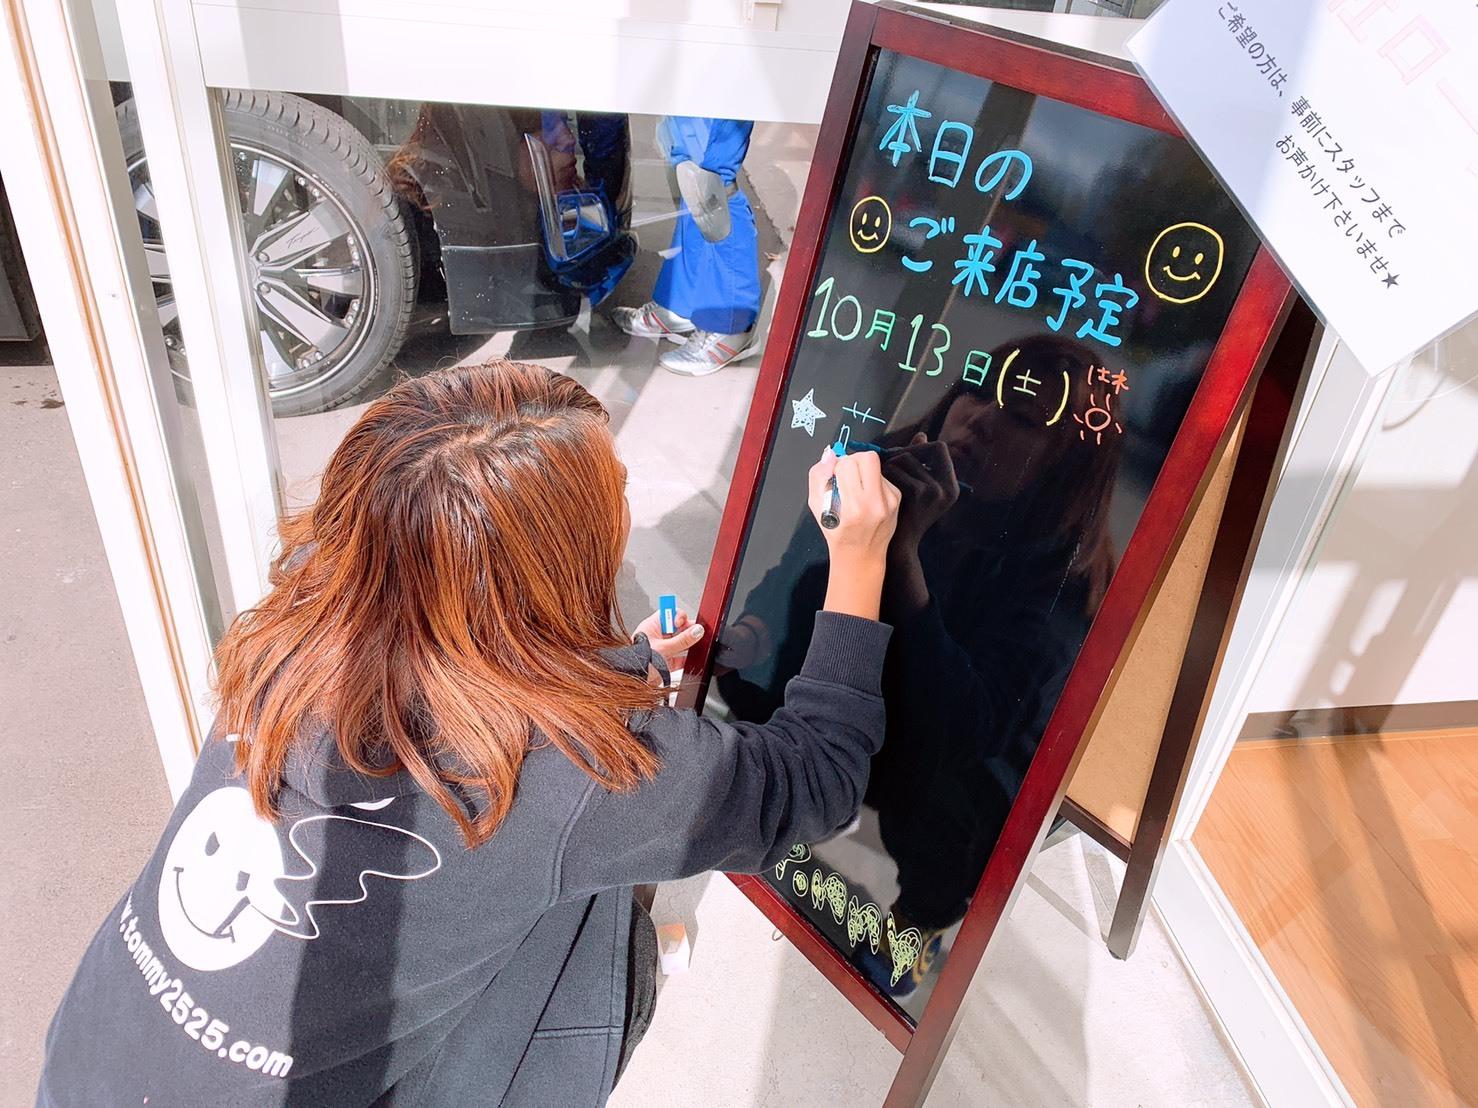 10月13日(土)✿ランクル80F様&ベンツSL350A社様納車(゜゜)♡タントK様ご成約(^^)/_b0127002_17362615.jpg